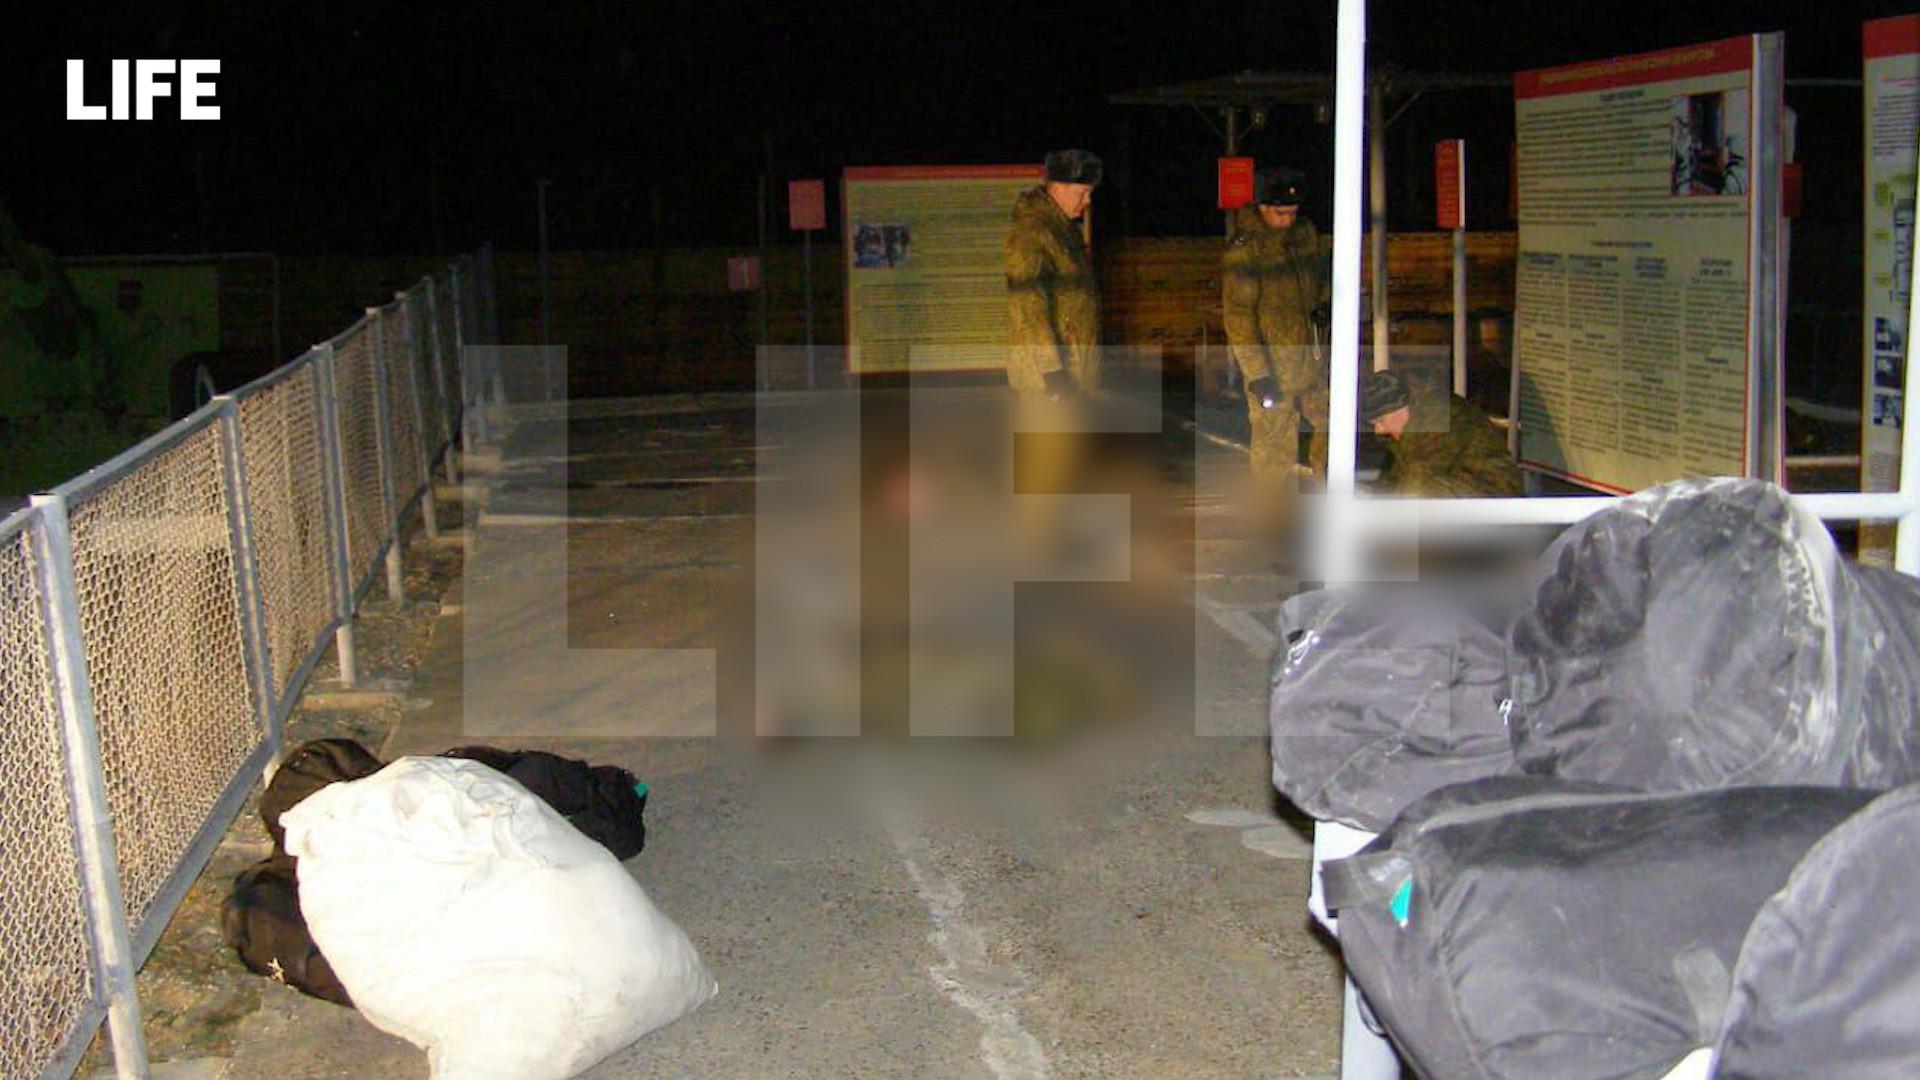 Военные полицейские ведут осмотр места убийства и тел жертв. Фото © LIFE